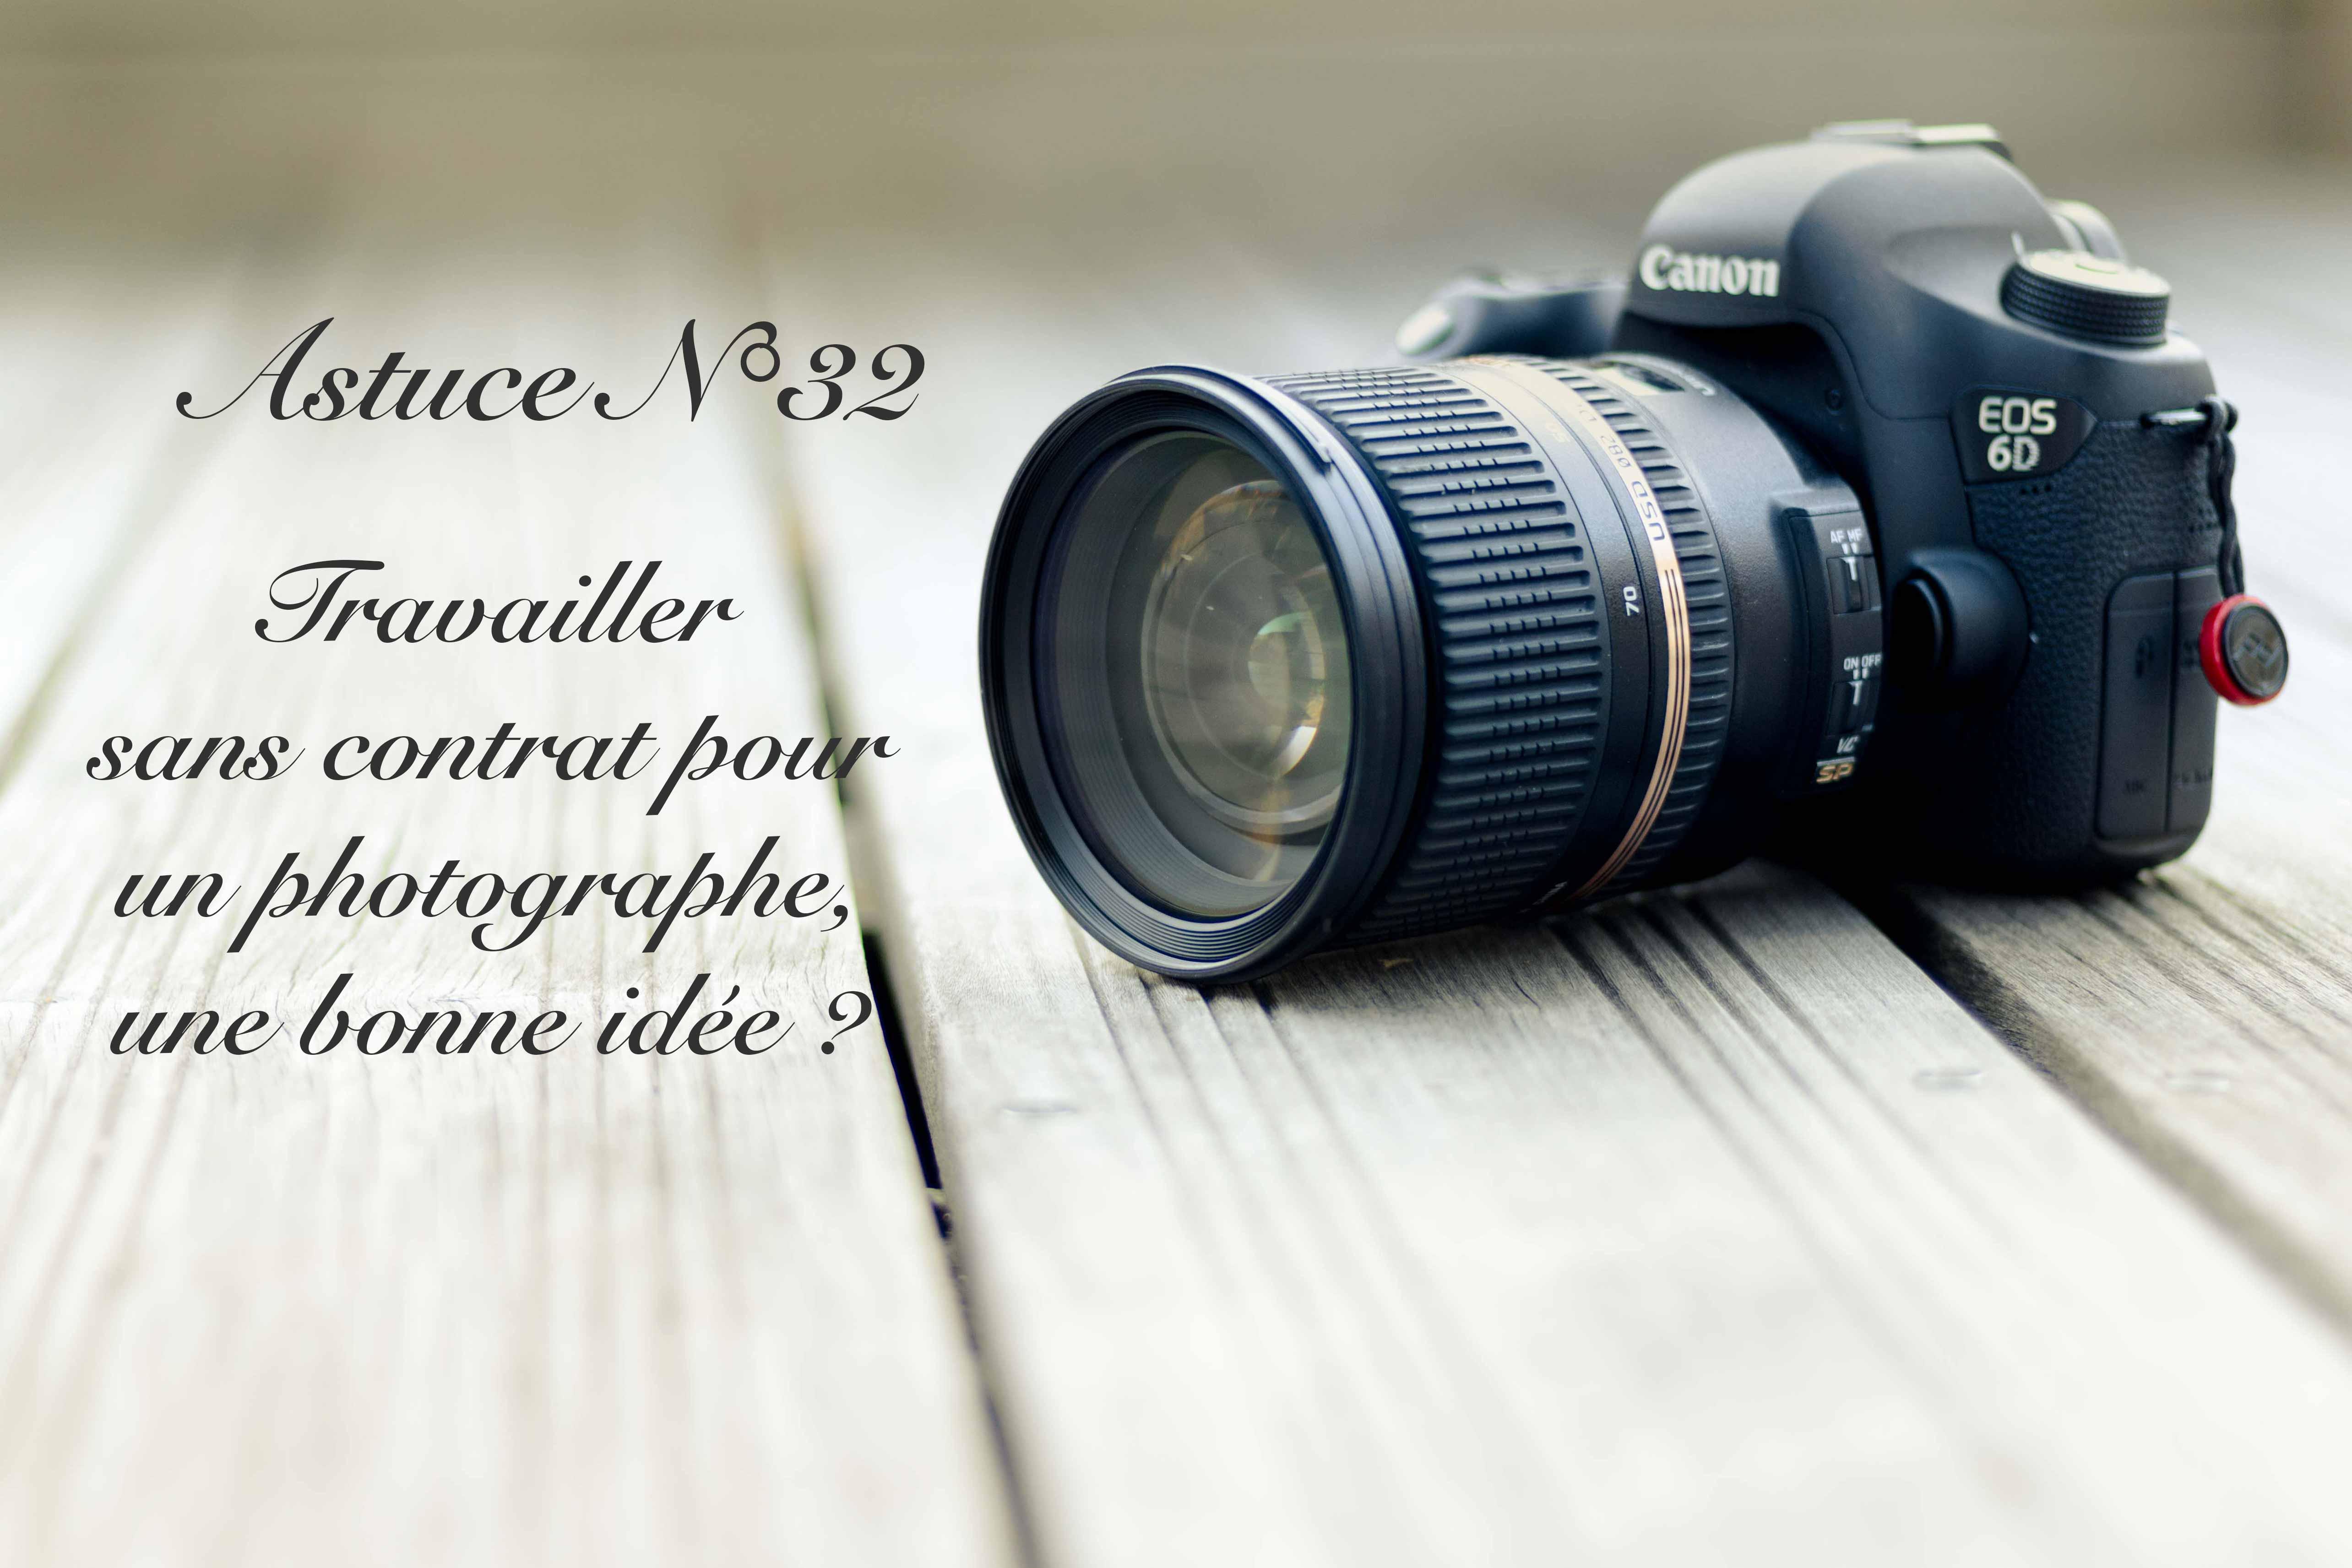 Travailler sans contrat pour un photographe, une bonne idée ? (32/52)